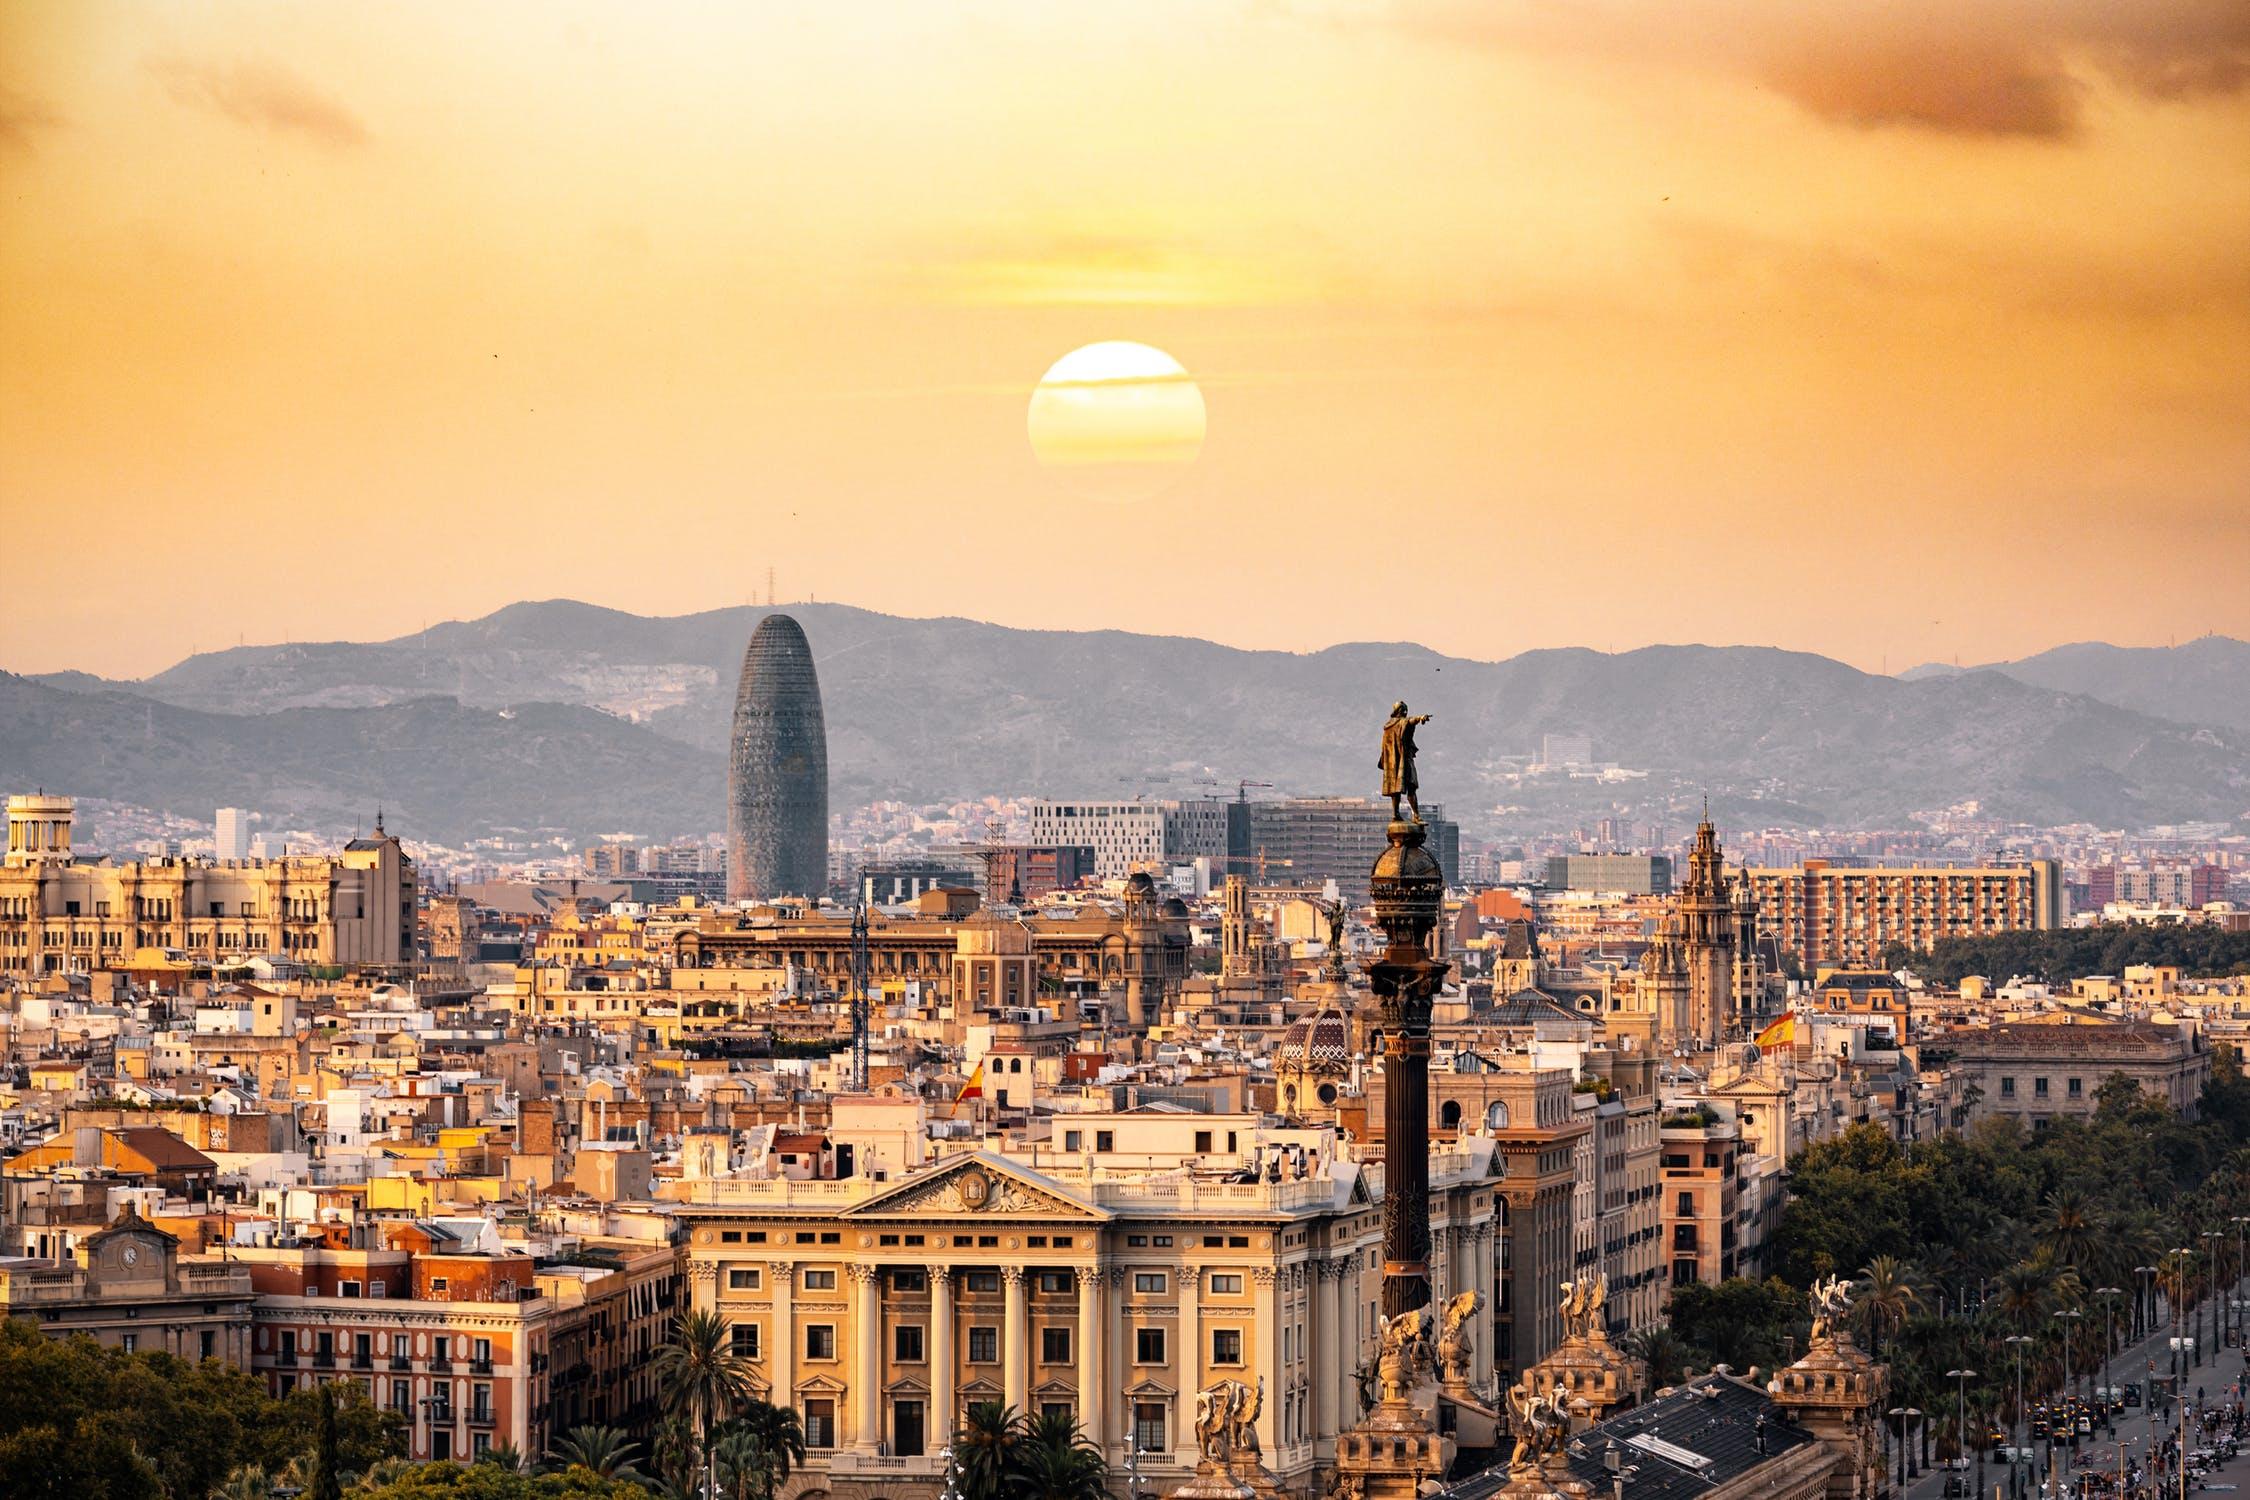 Barcelone est une ville recherchée pour y passer sa retraite